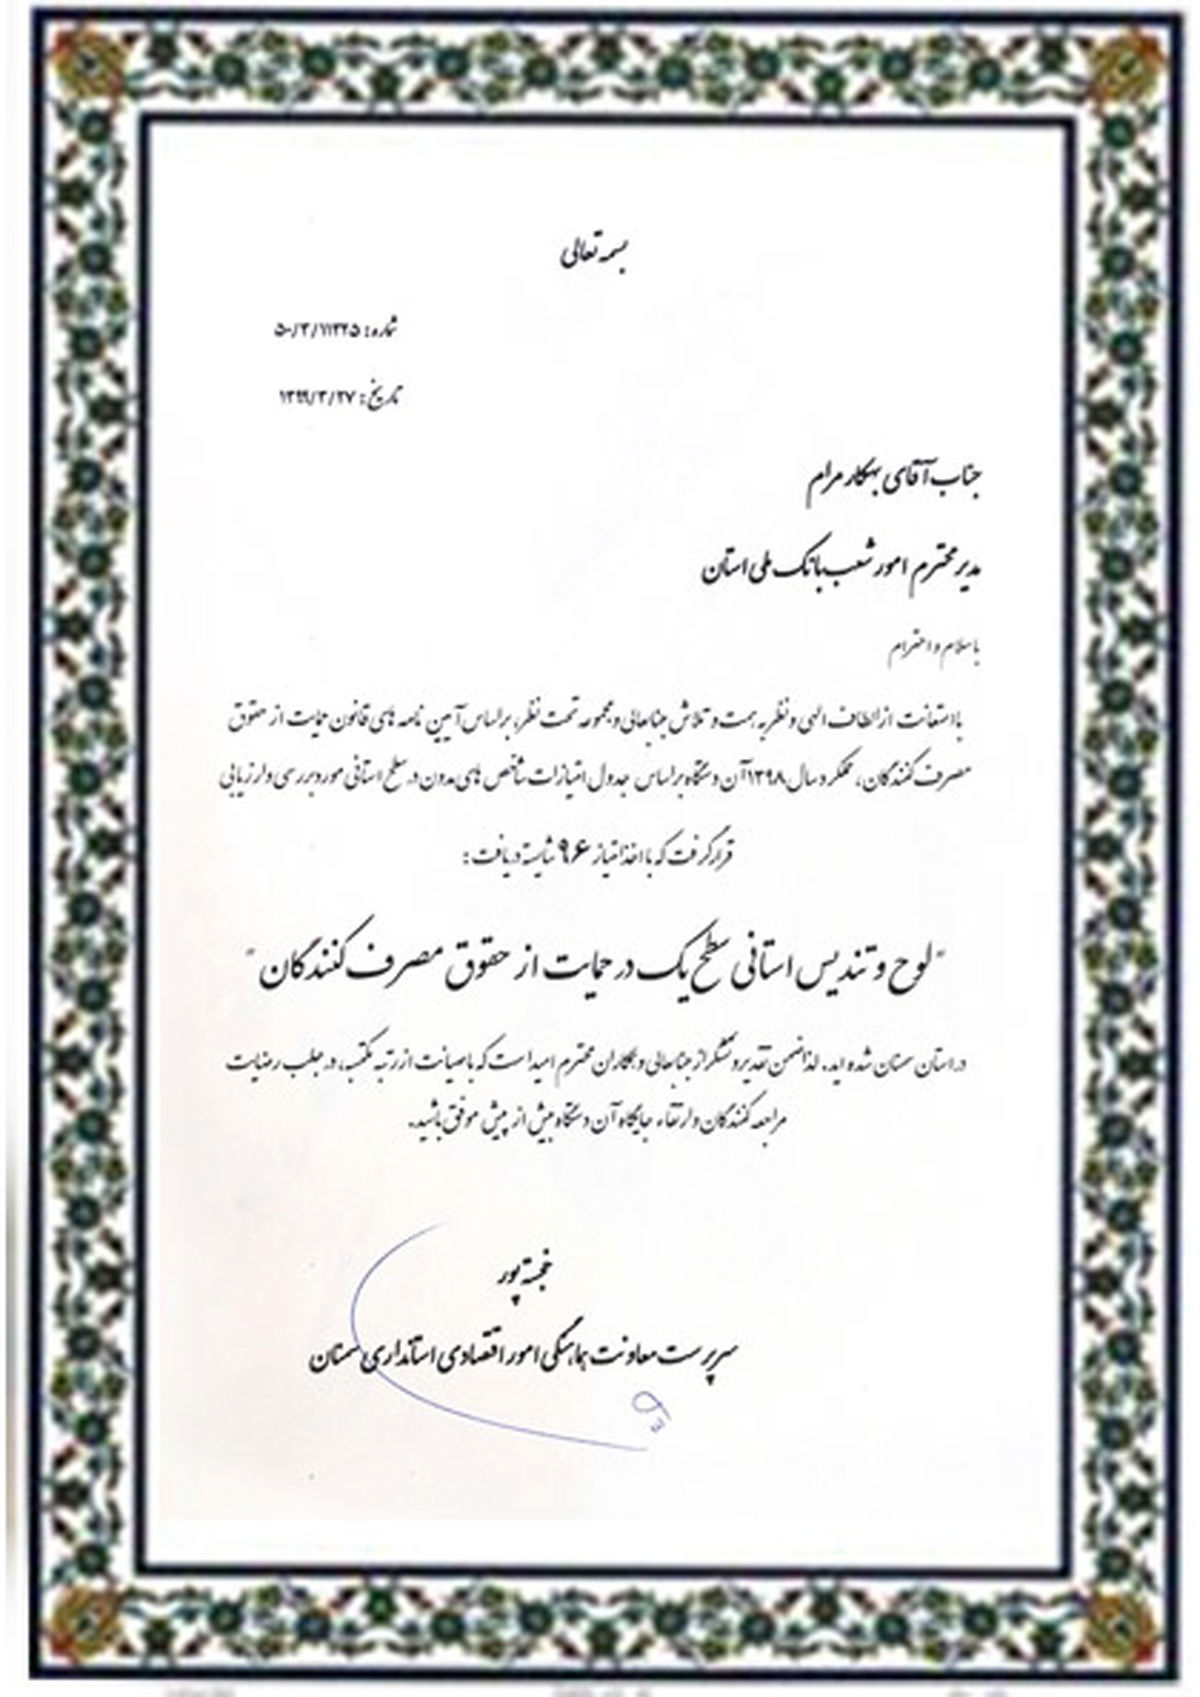 کسب رتبه برتر حمایت از حقوق مصرف کننده و ارباب رجوع توسط بانک ملی ایران